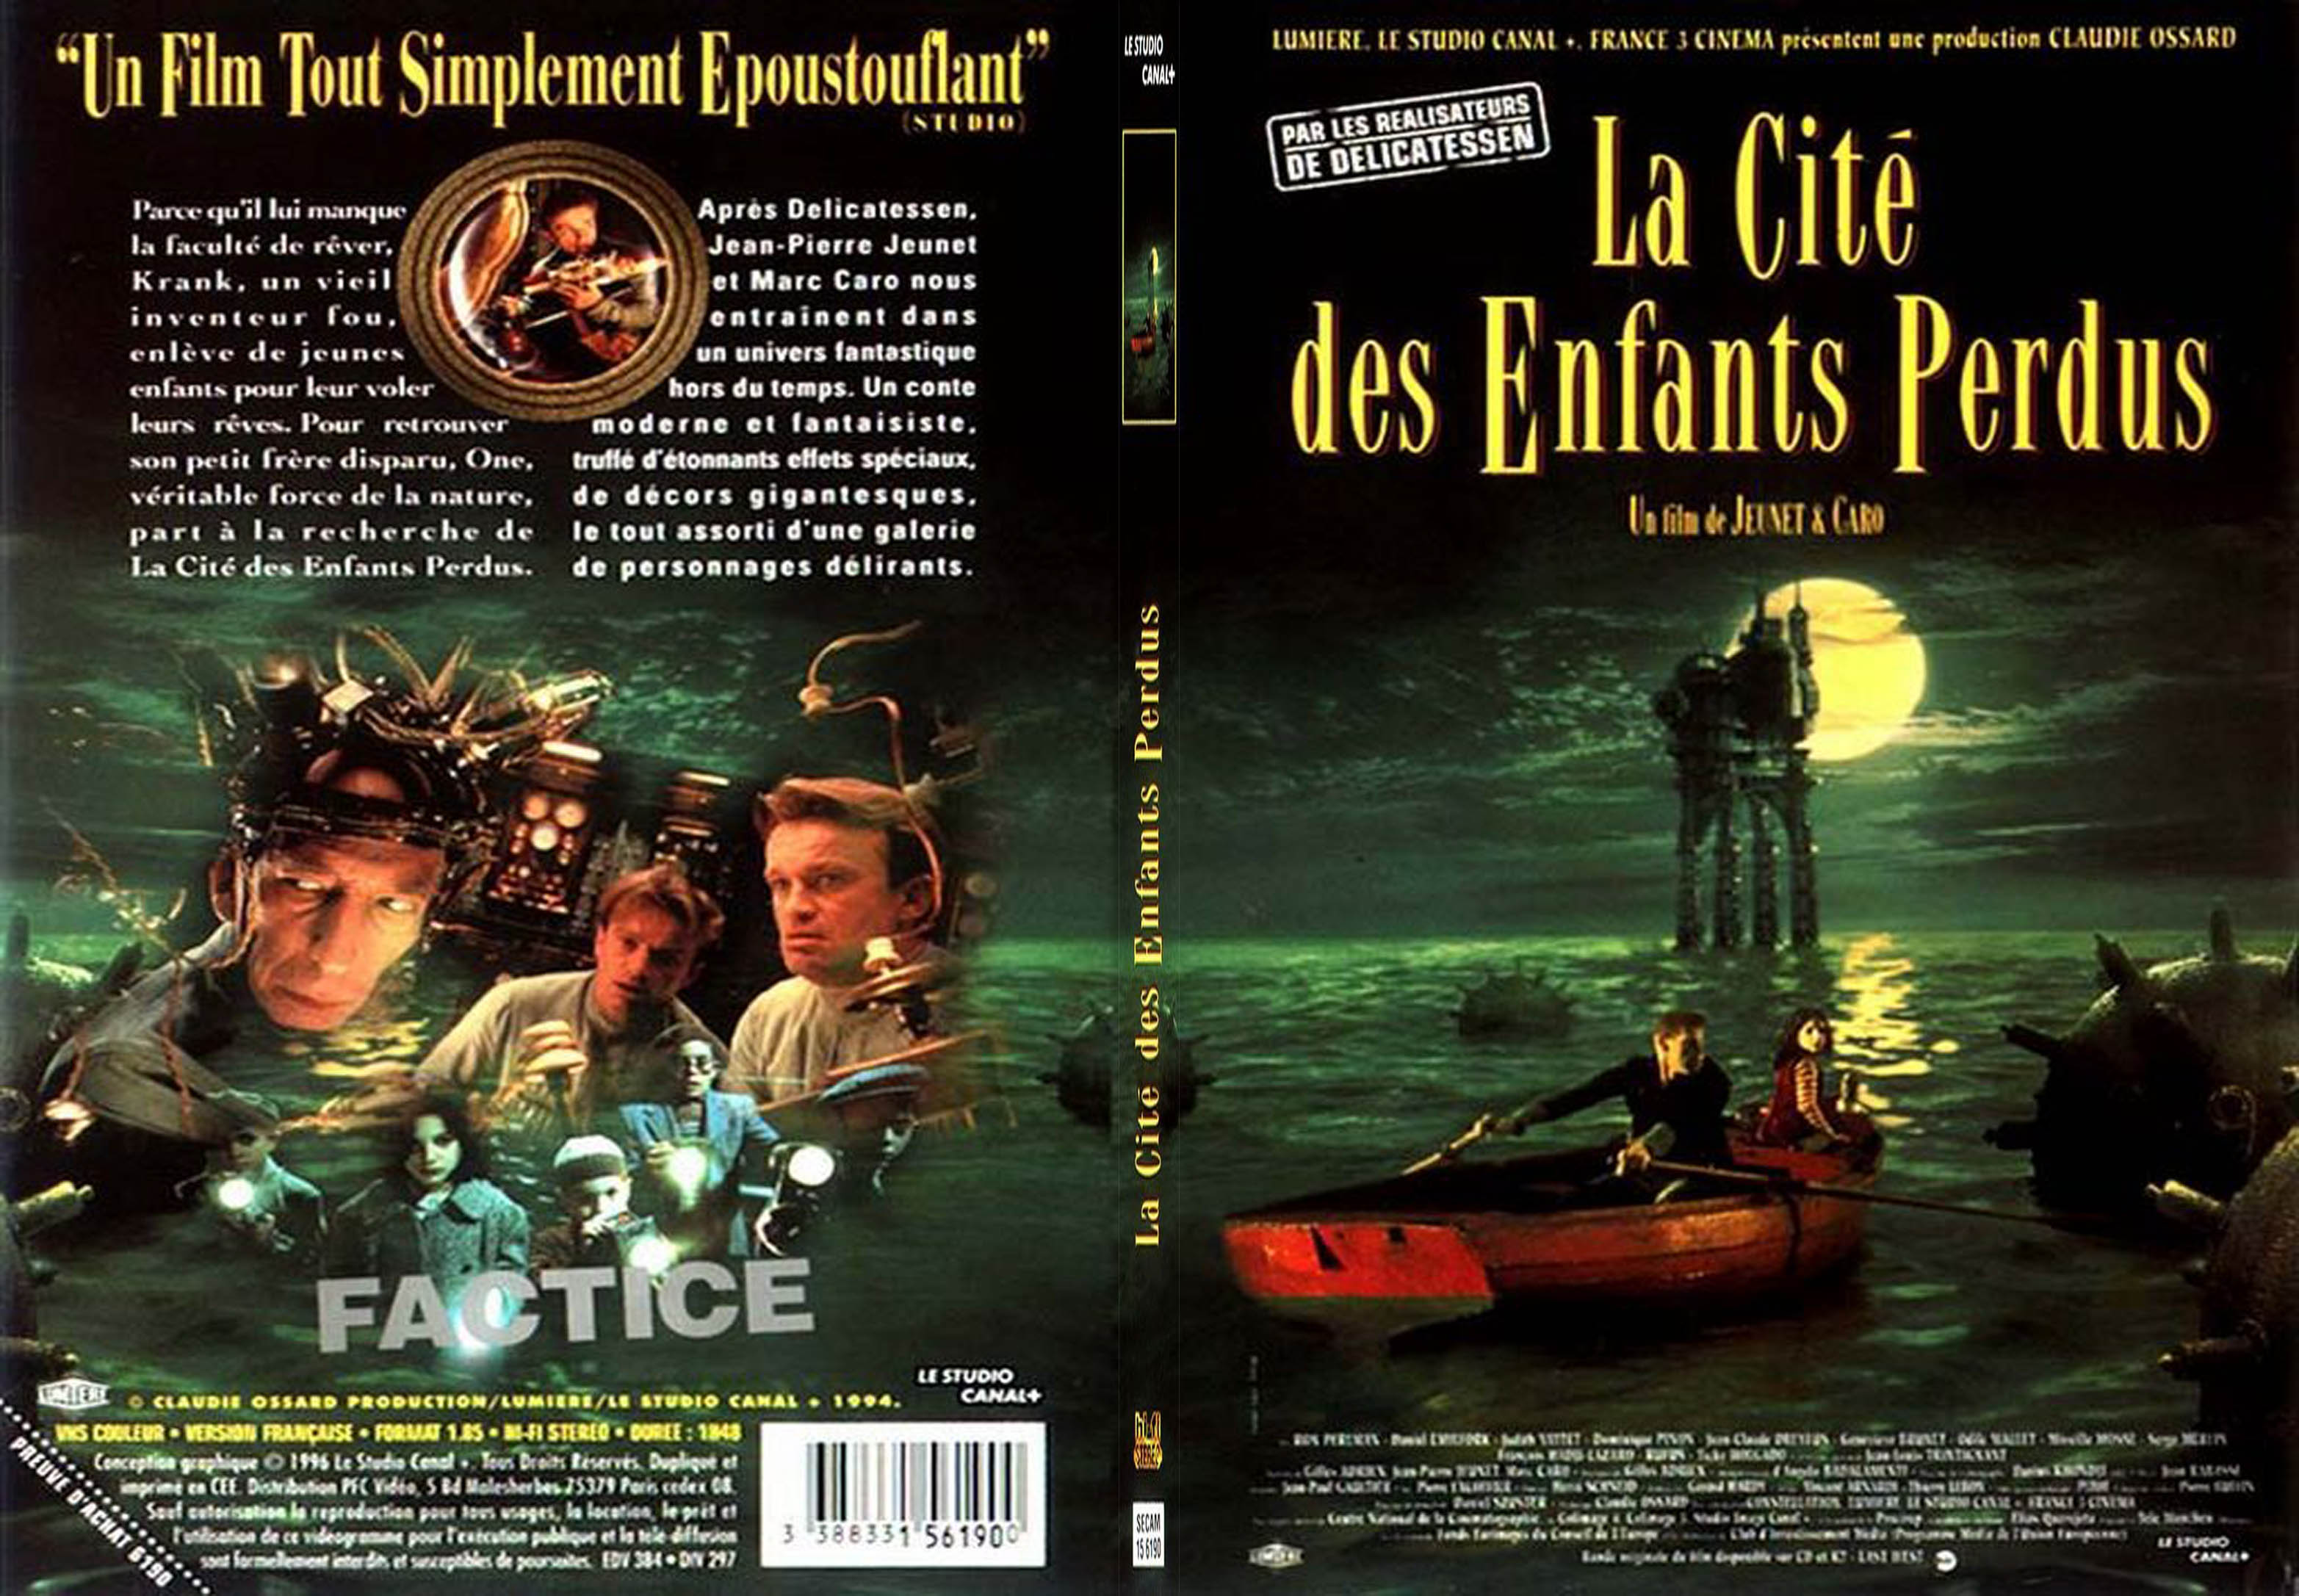 Films peu connus, à découvrir La_cite_des_enfants_perdus___SLIM-15394809052006